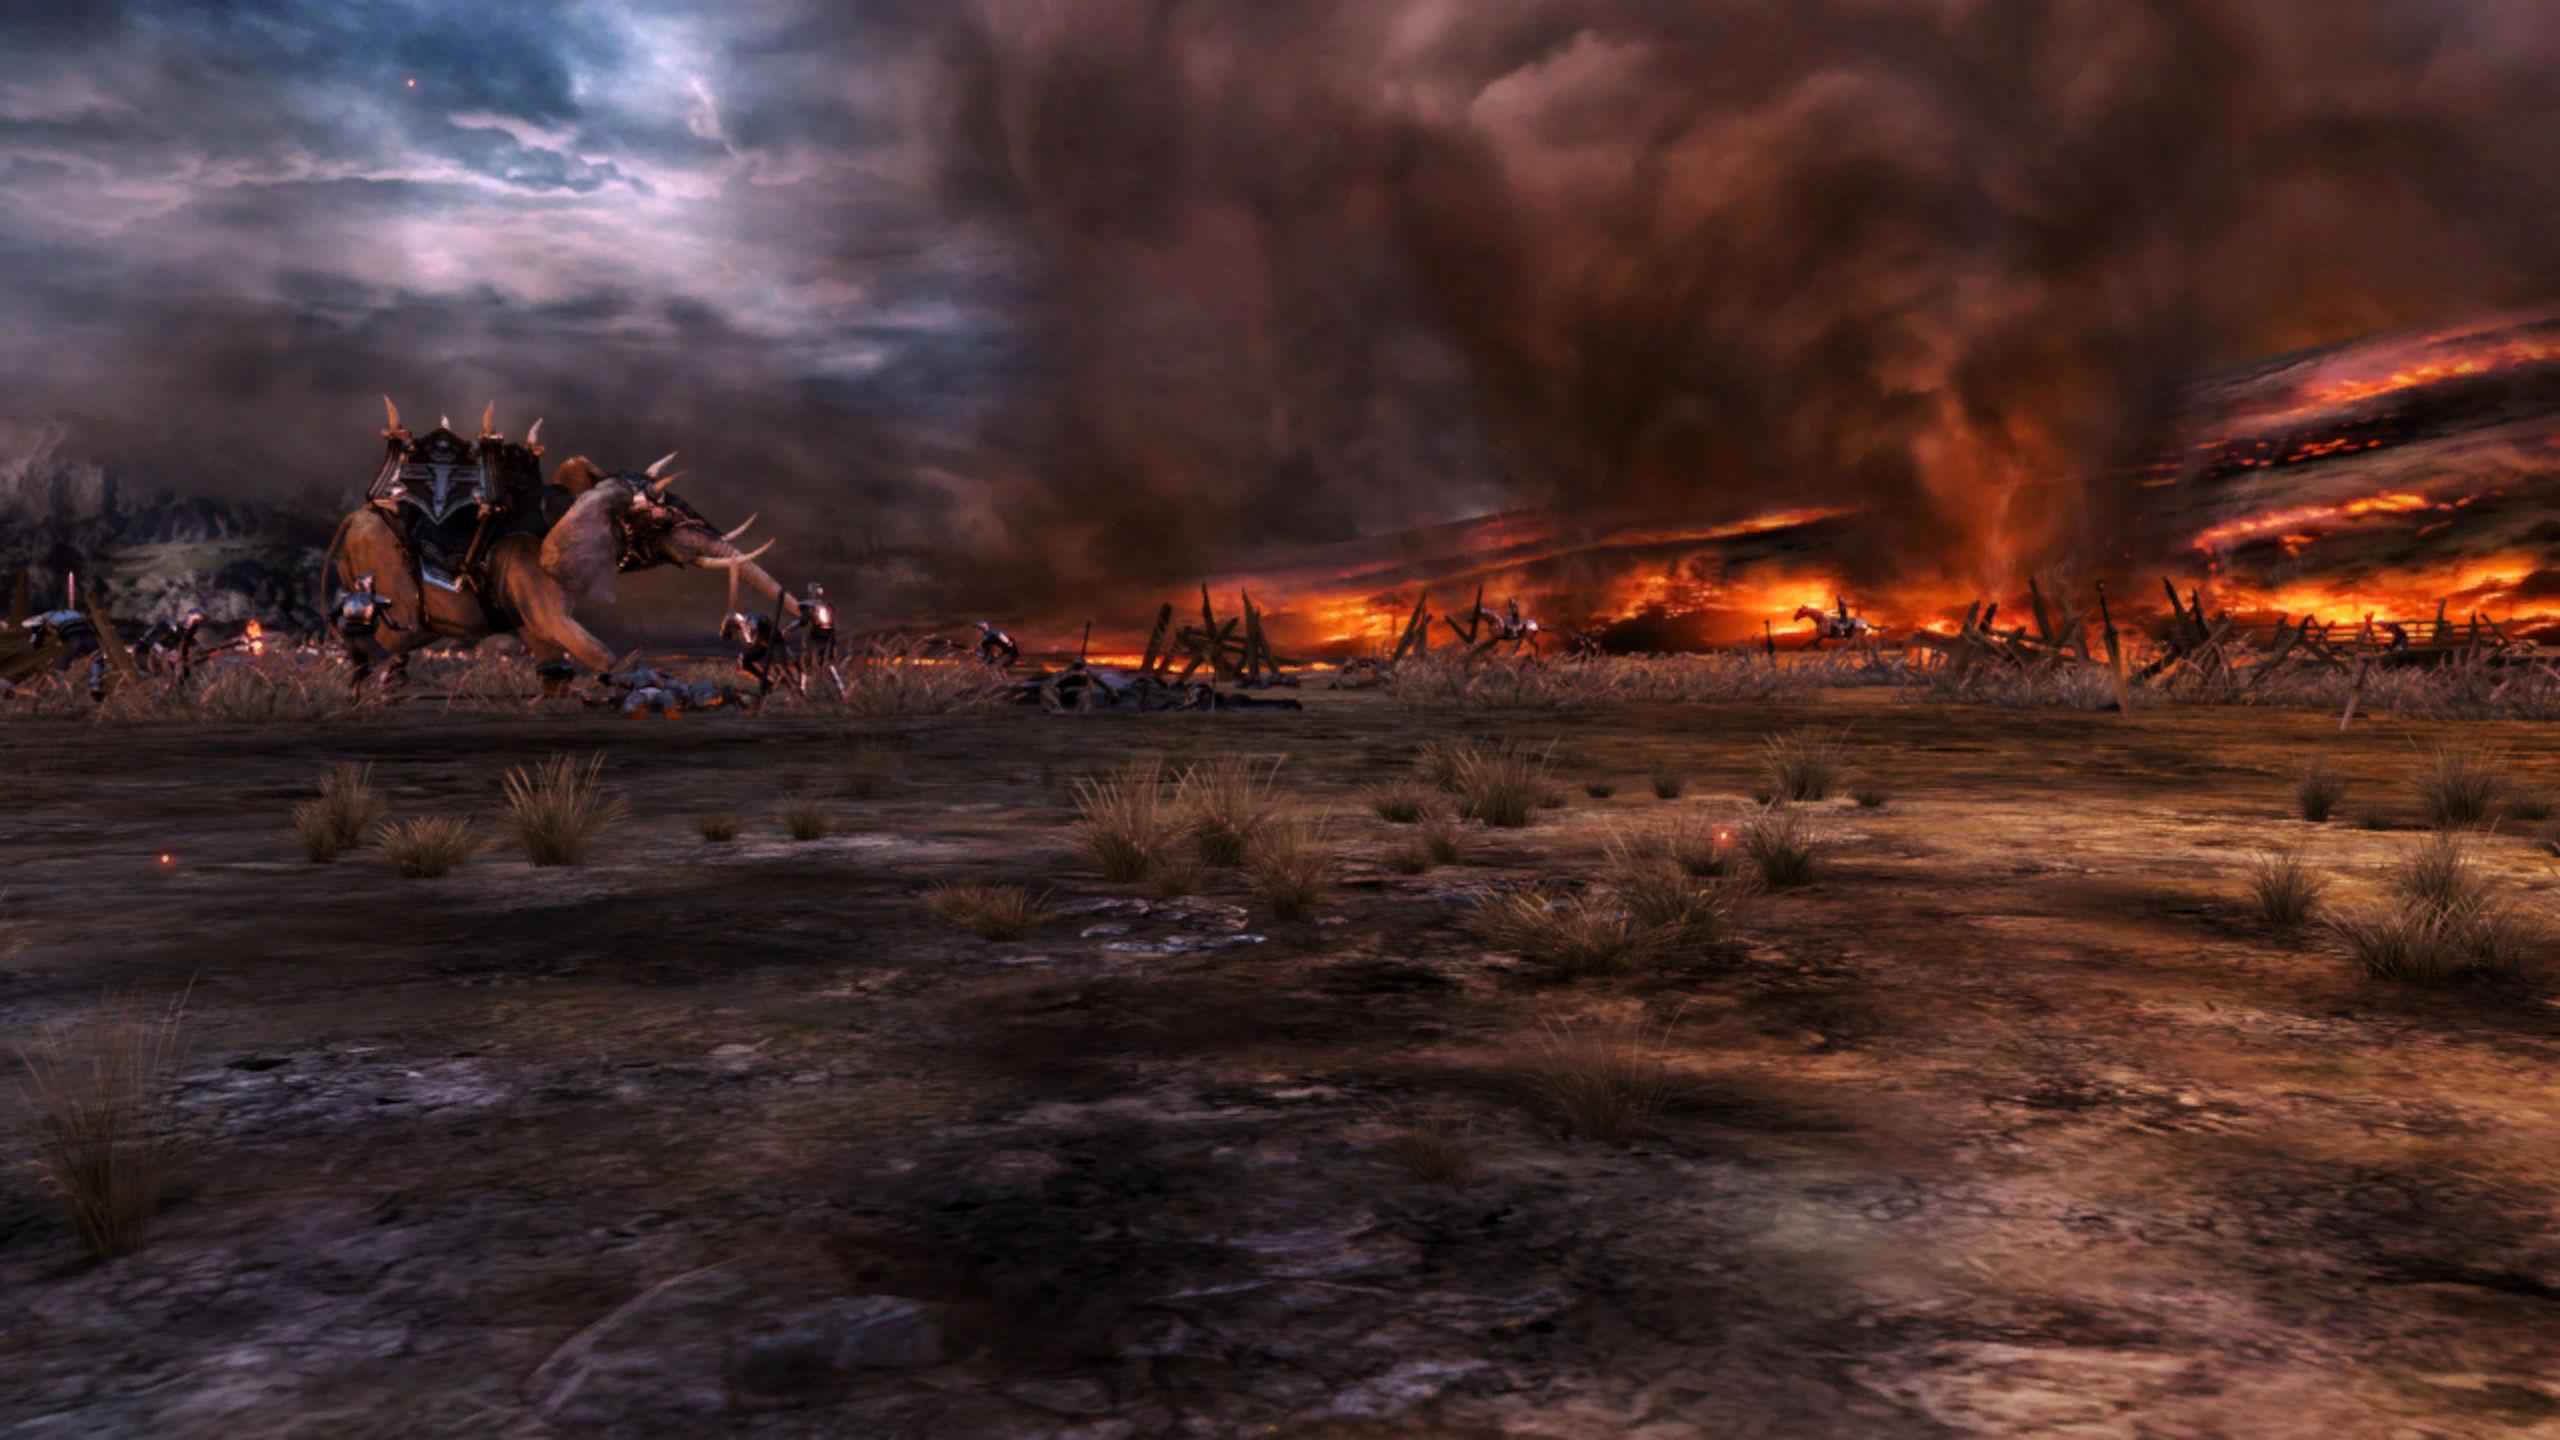 File:Last-rites-battlefield.jpeg